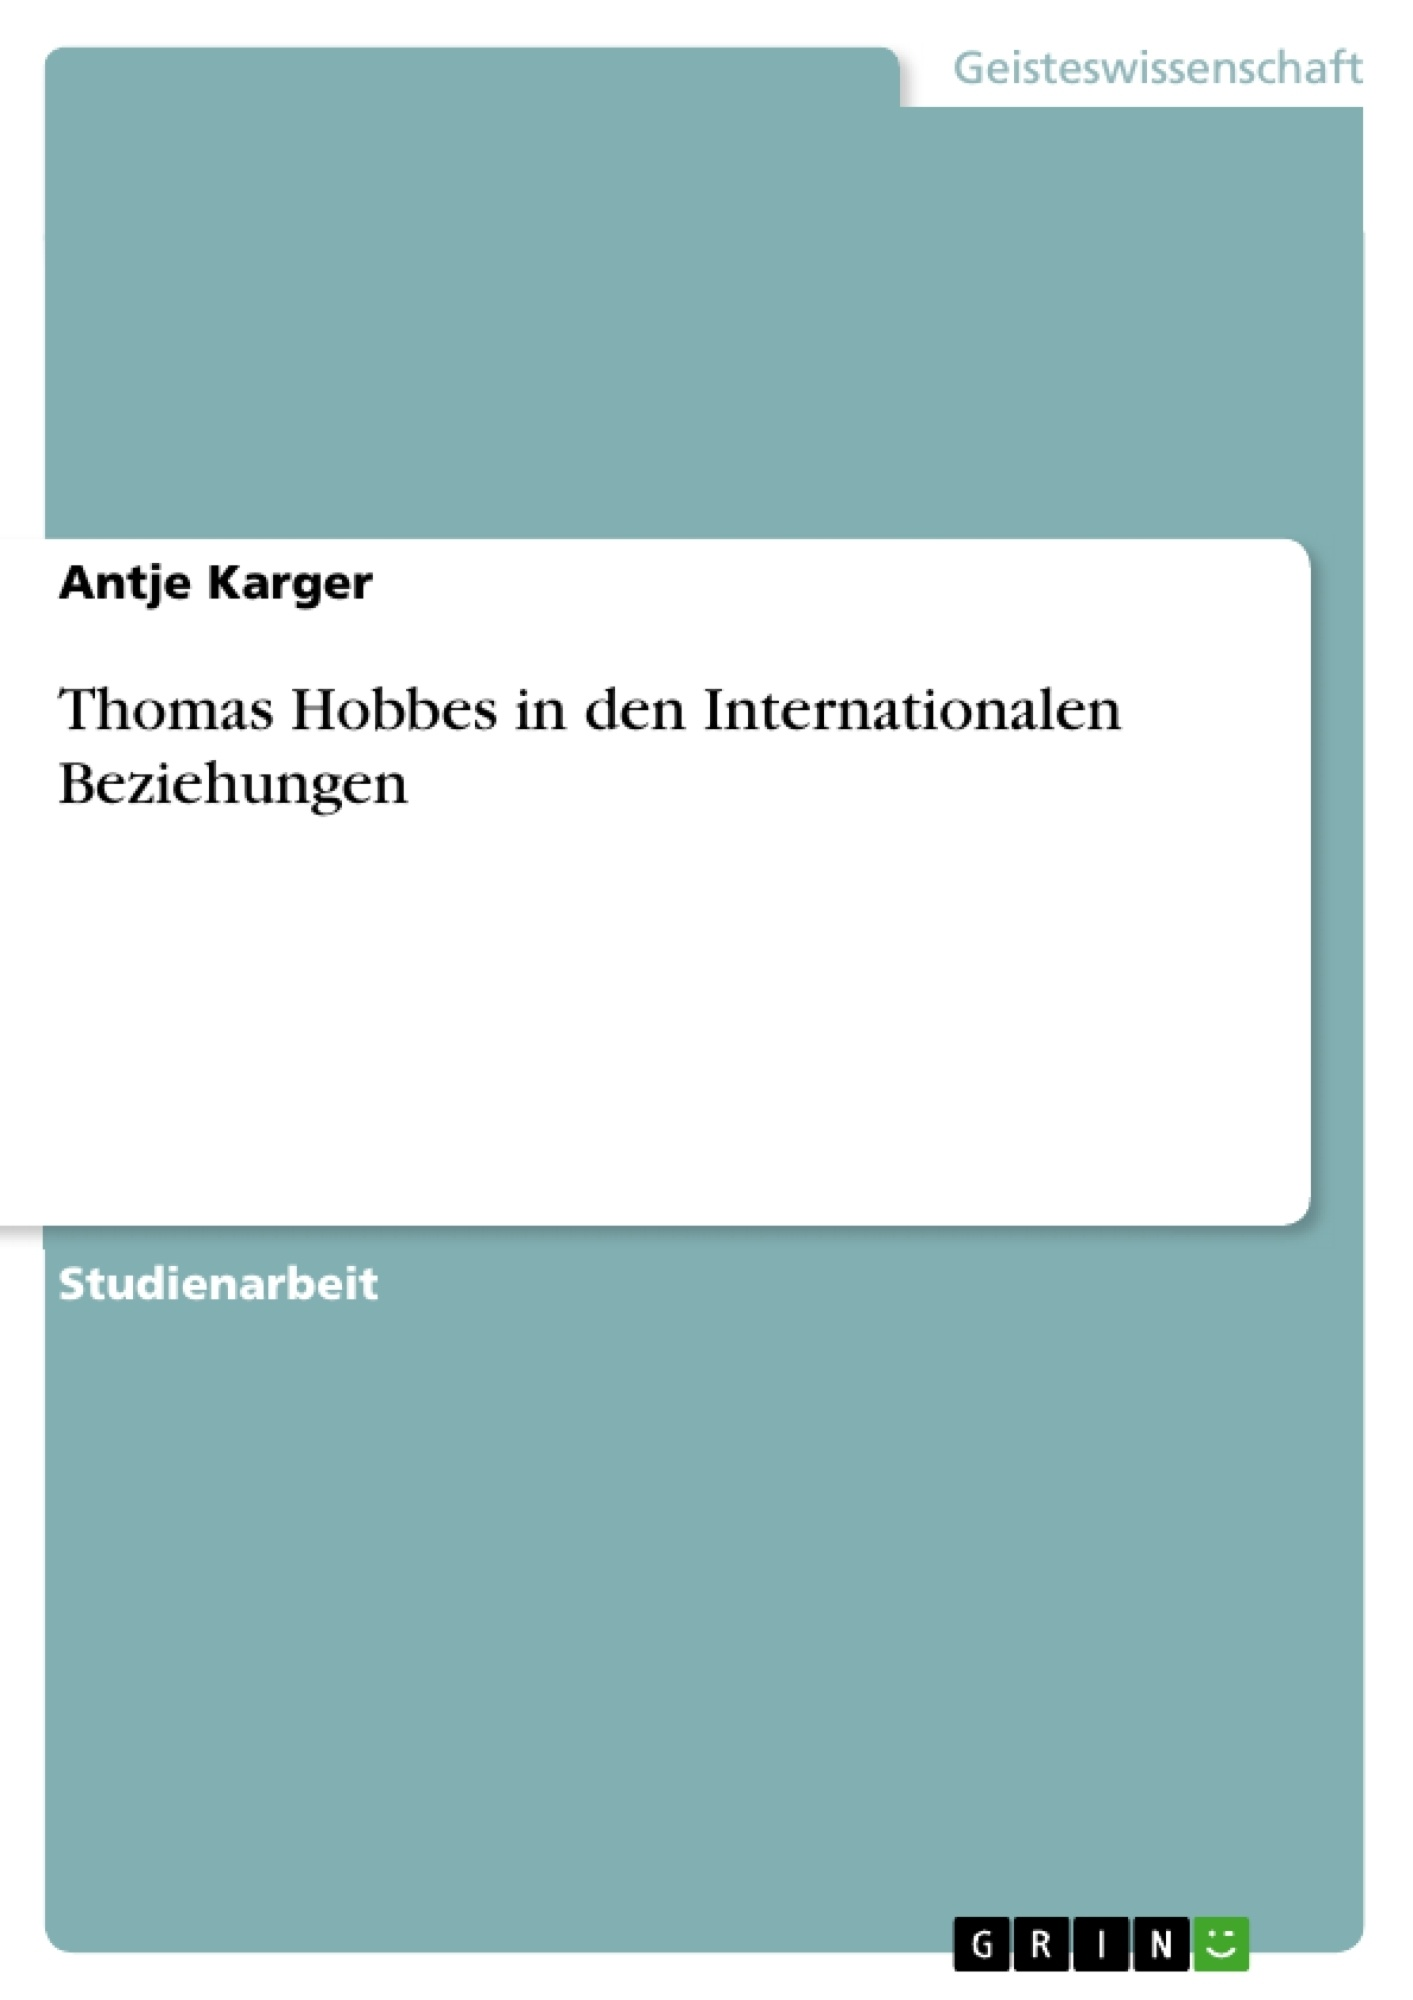 Titel: Thomas Hobbes in den Internationalen Beziehungen